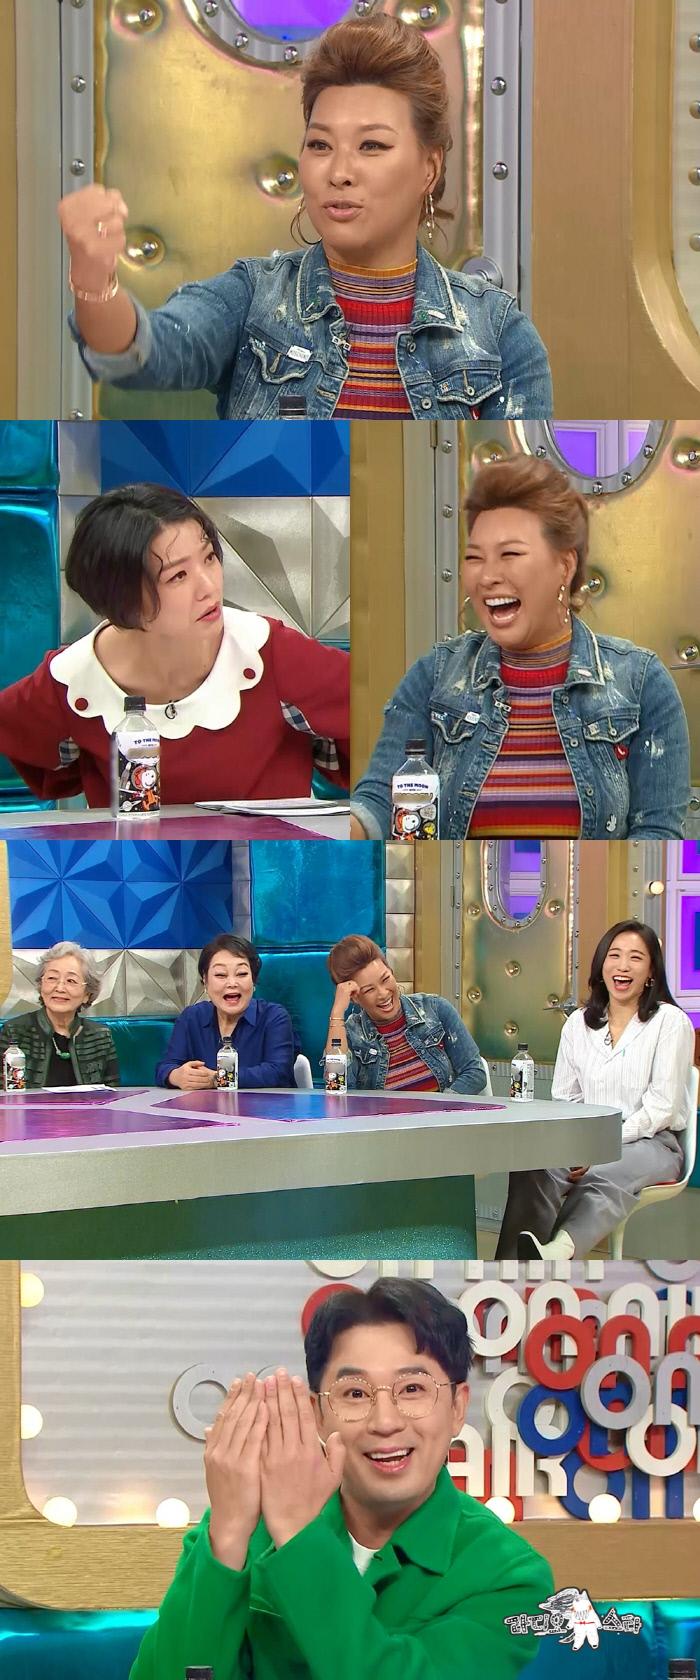 '줌 크러시' 특집에 출연한 정영주가 후배 장기용과 첫 만남에 독설을 한 이유는? '라디오스타'. MBC 제공